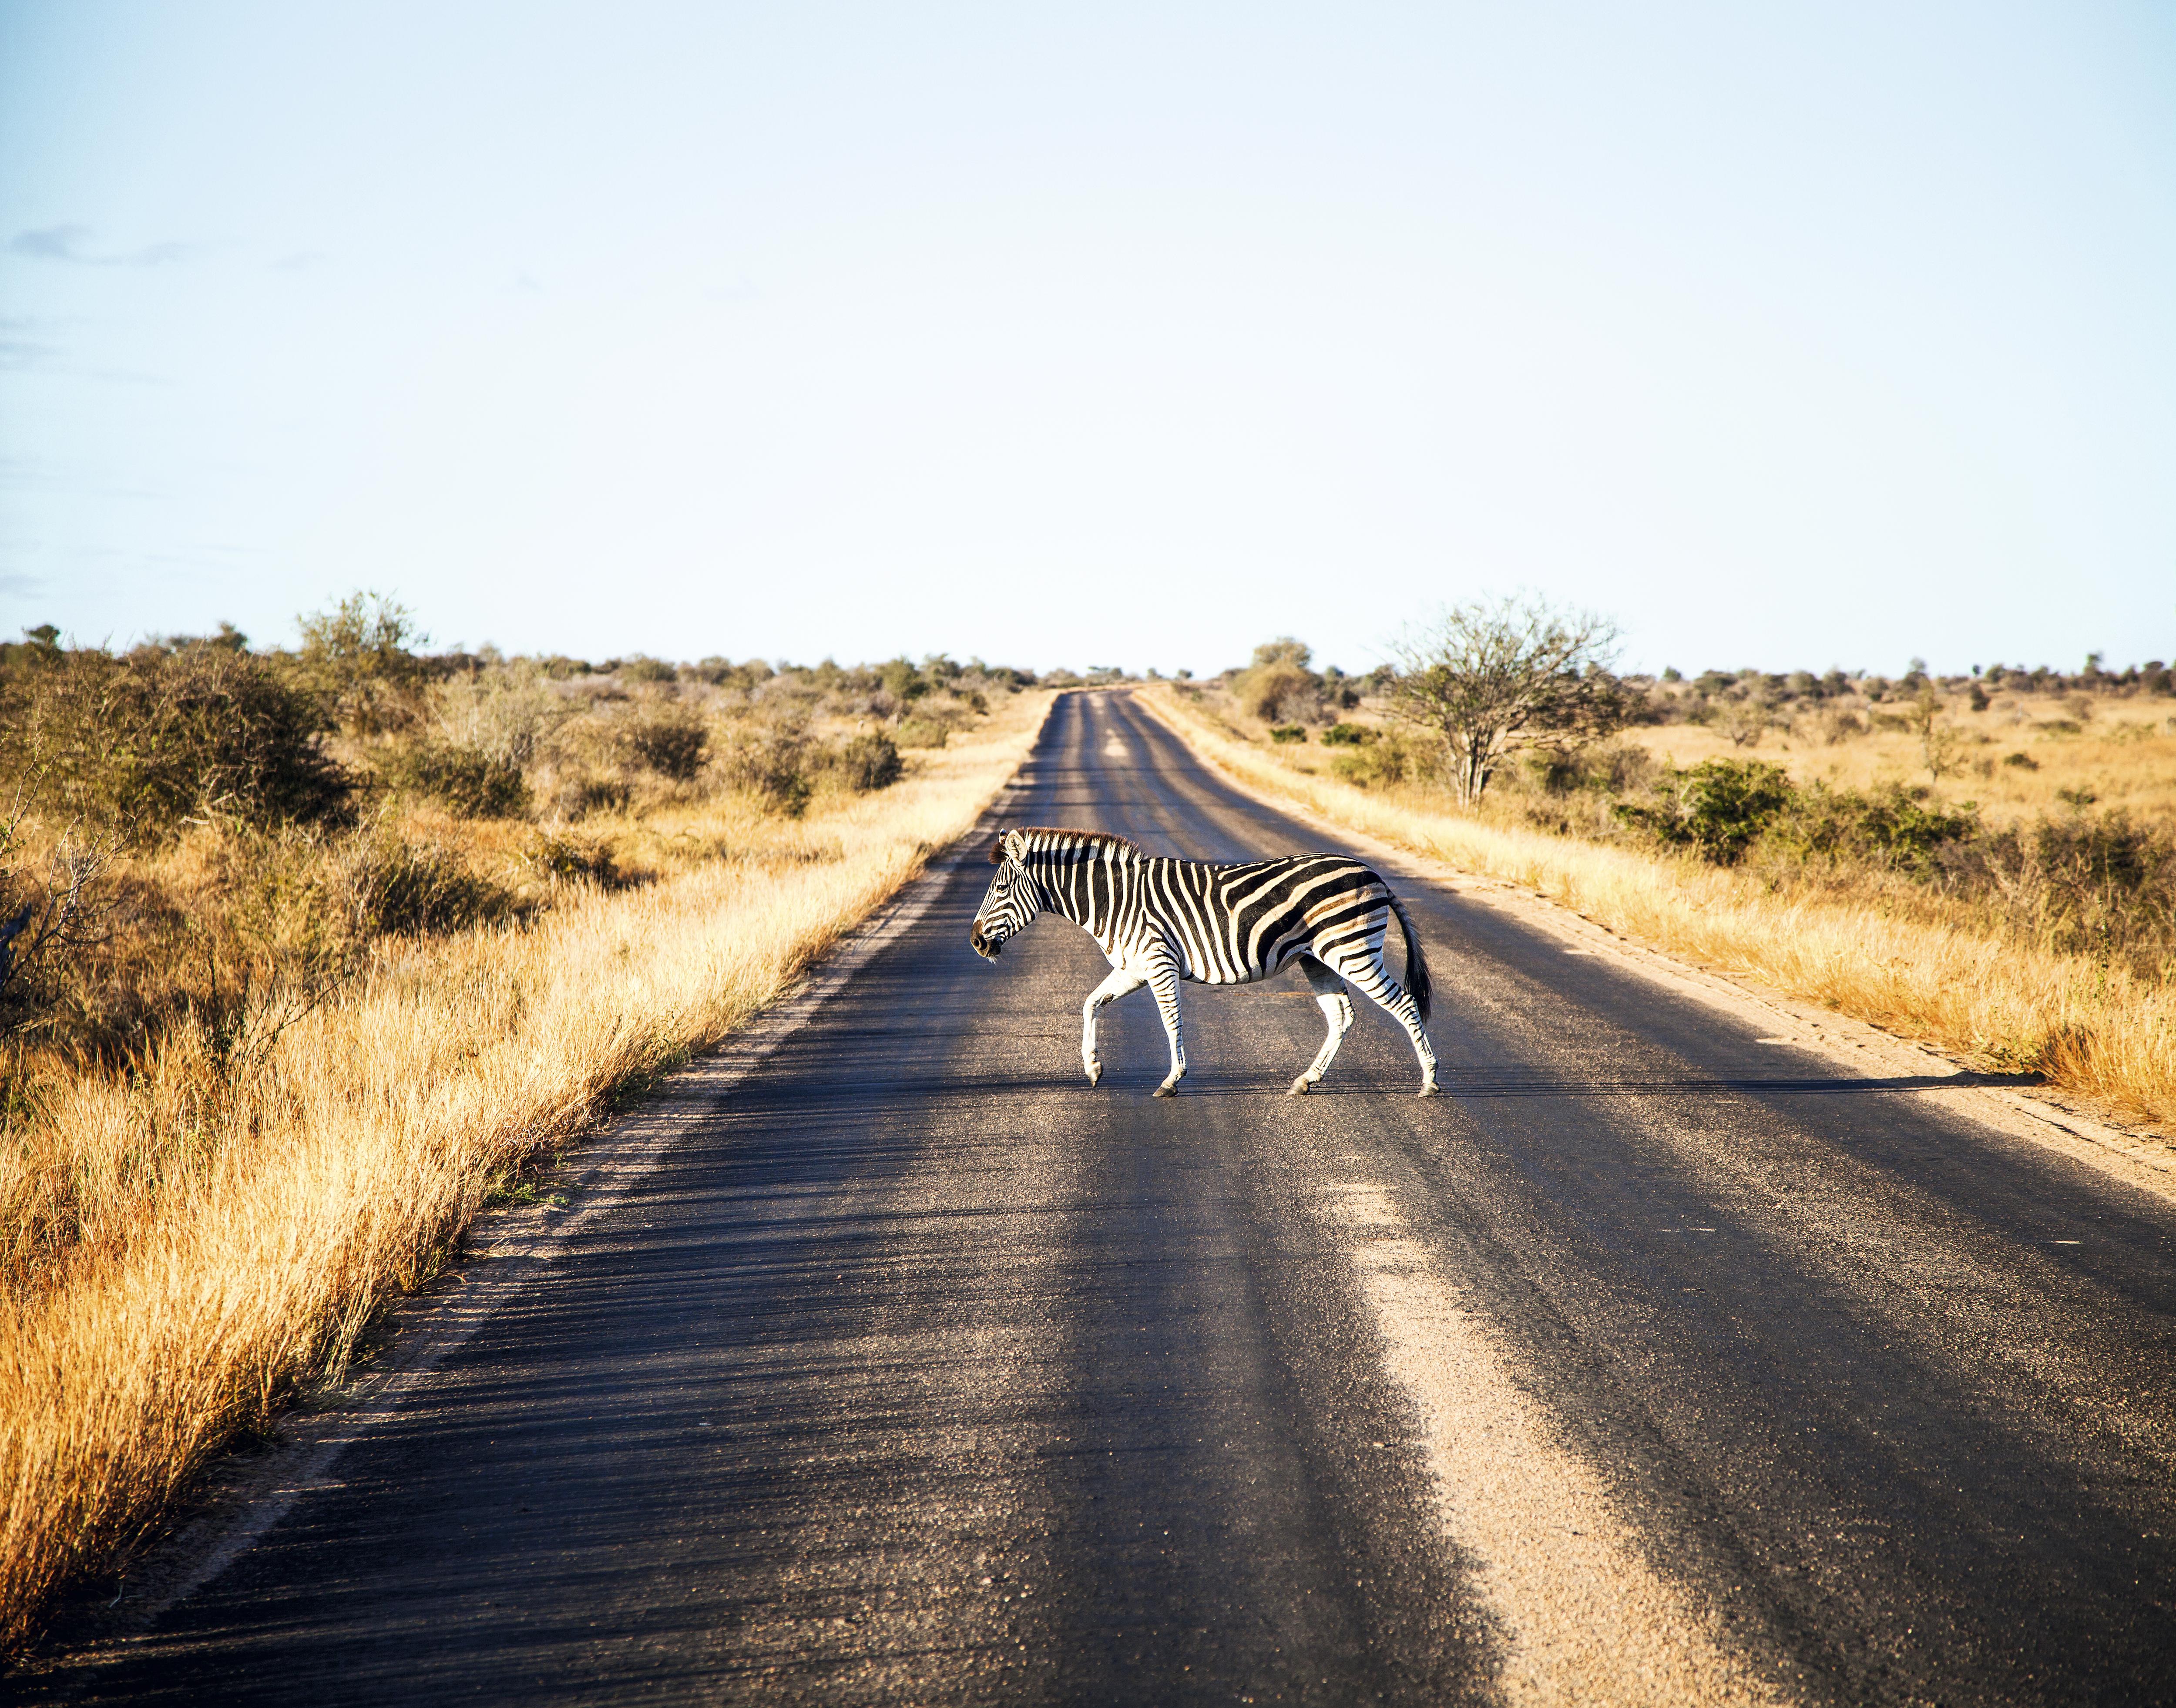 Zebra na pista do Kruger National Park, África do Sul